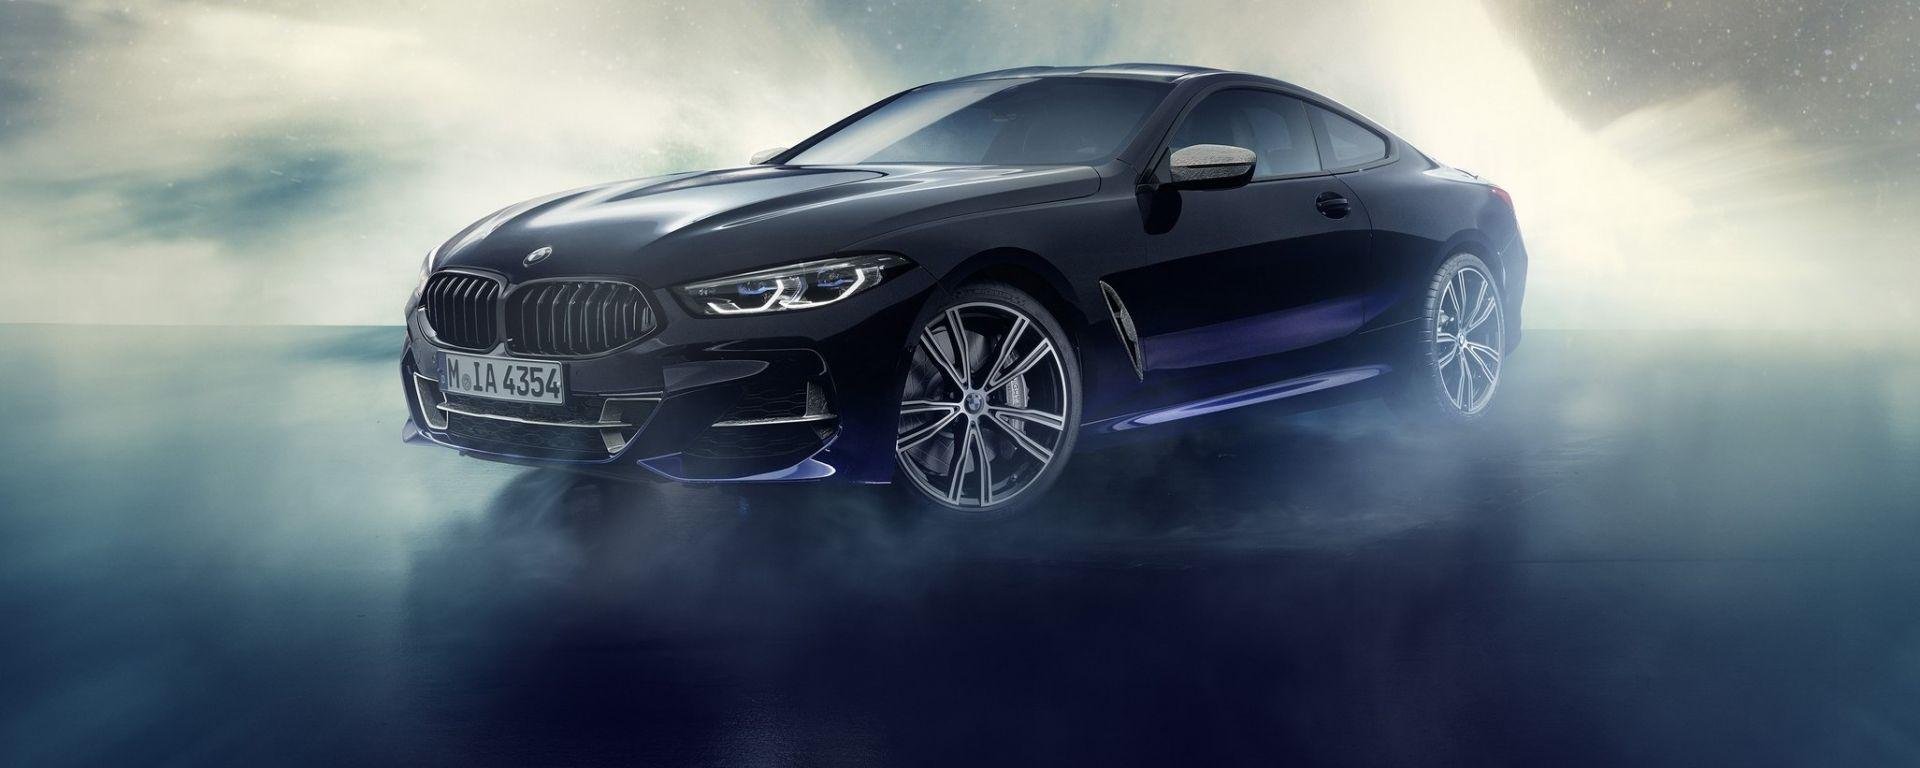 BMW M850i Sky Night: l'auto venuta dallo spazio